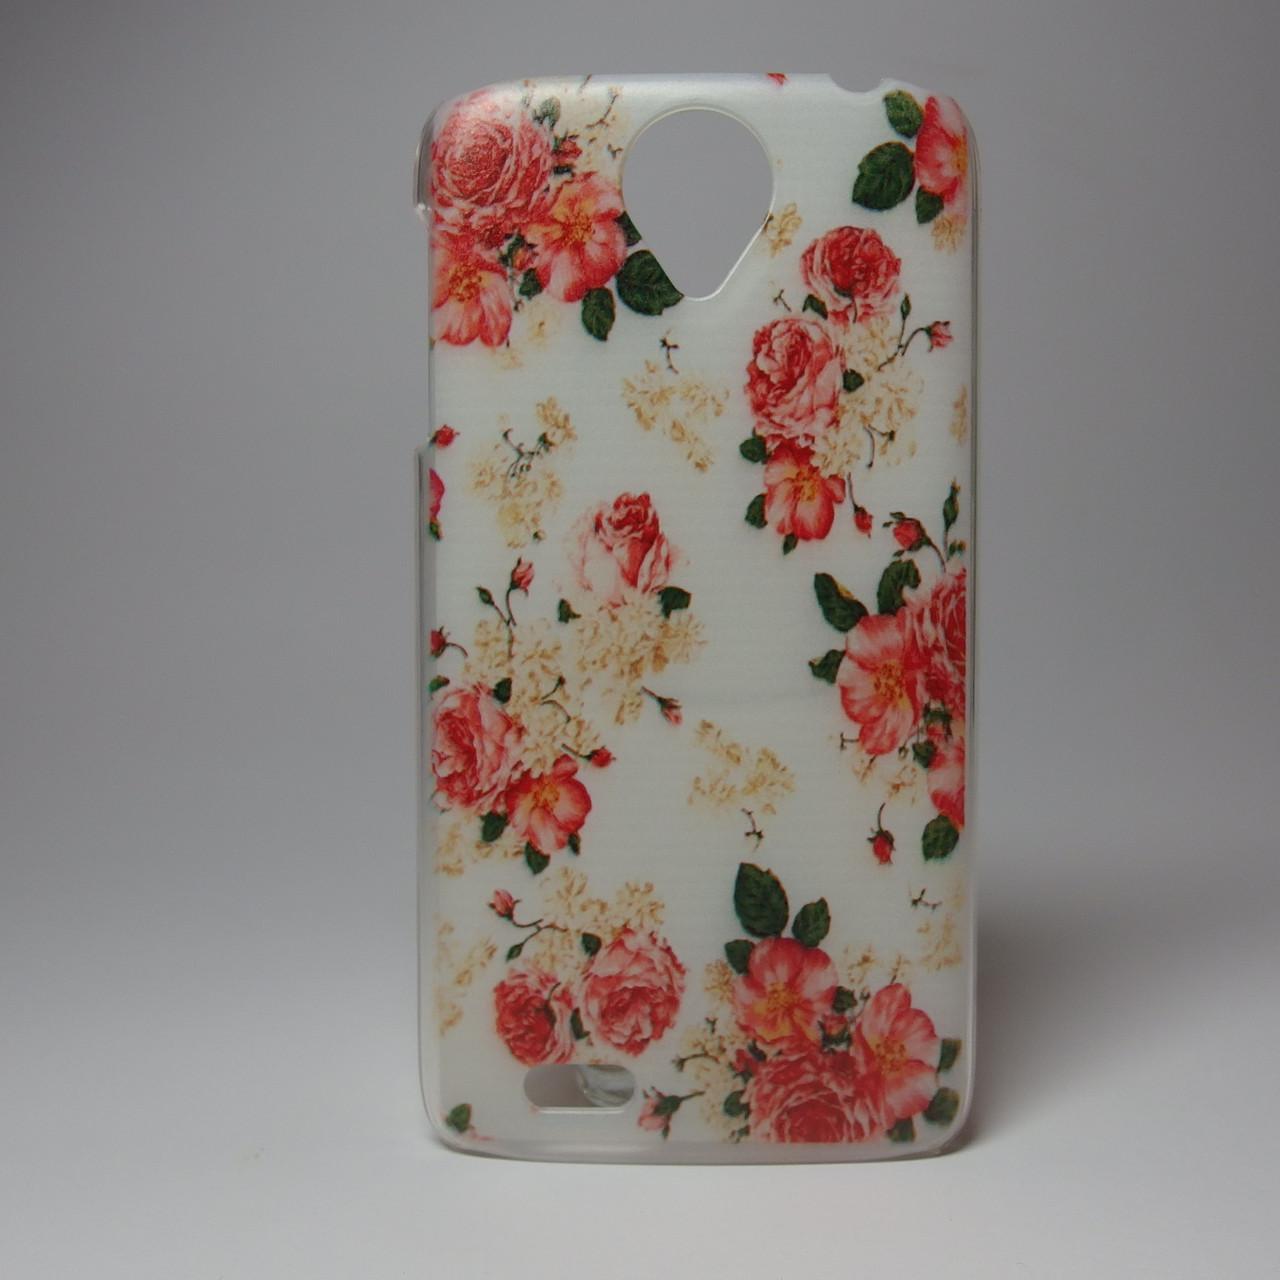 Чехол для lenovo s820 панель накладка с рисунком цветы пионы